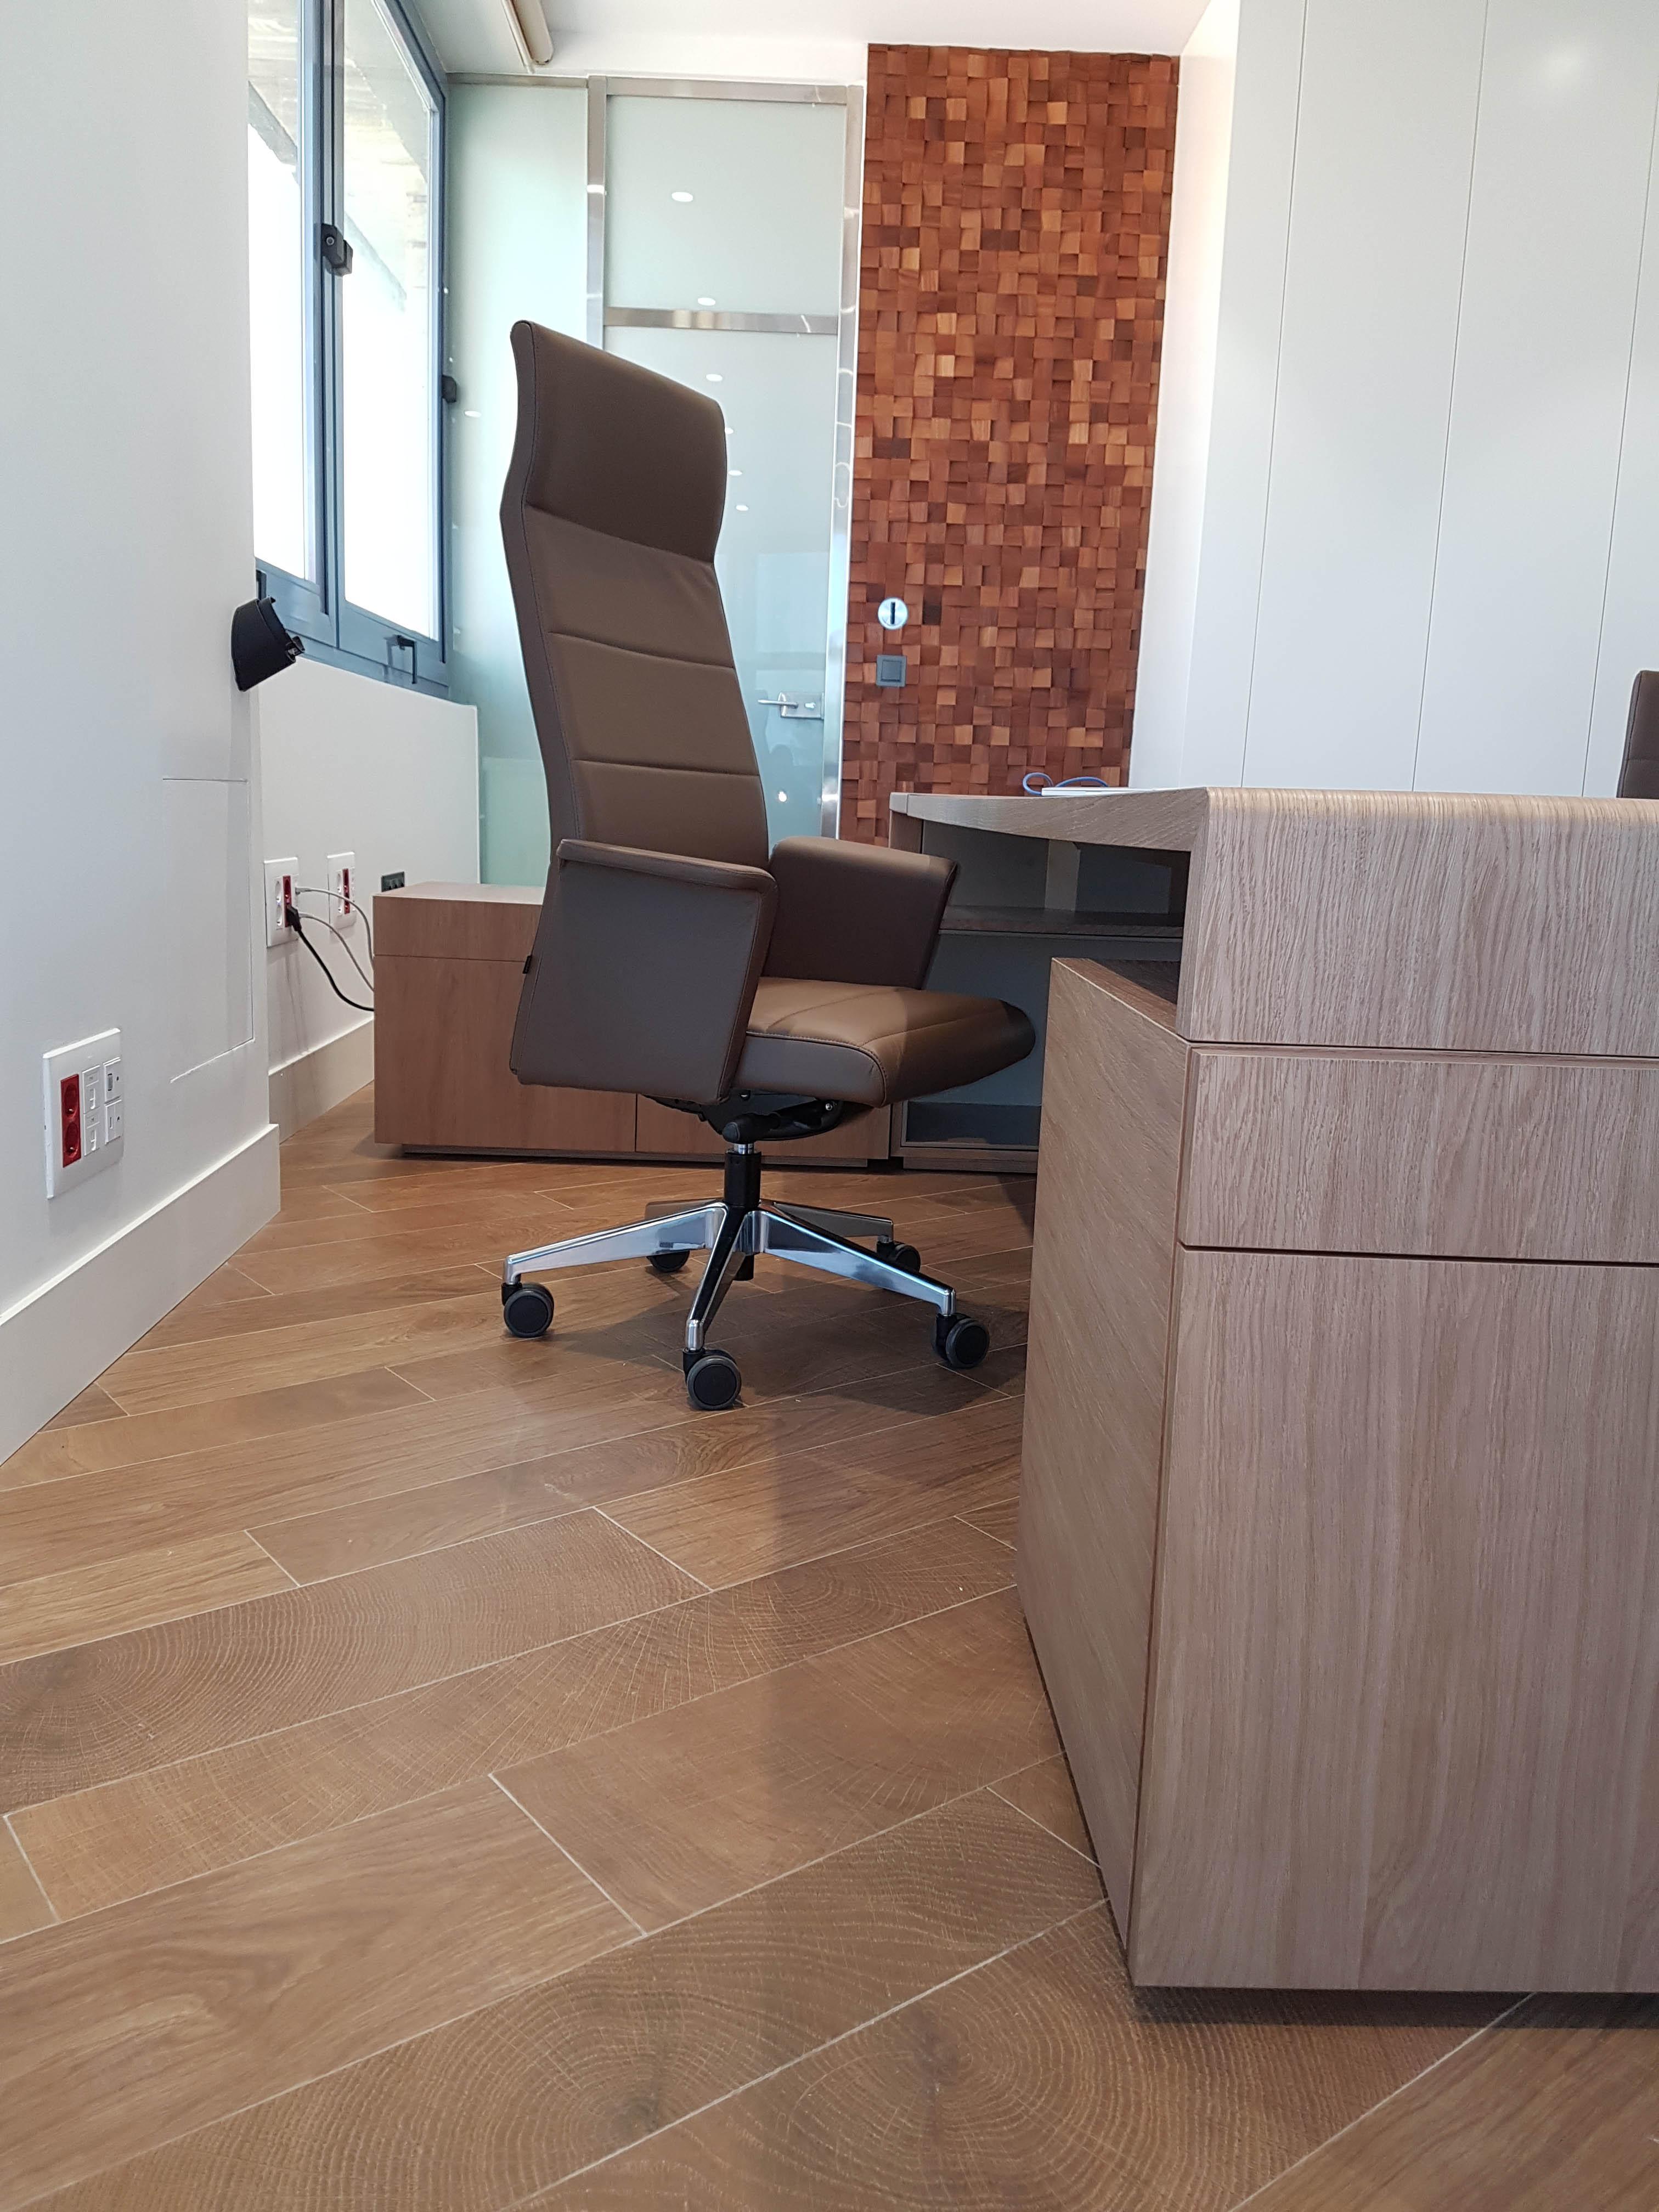 Proyectos de oficina en Sevilla: Escritorio y sillas de despacho